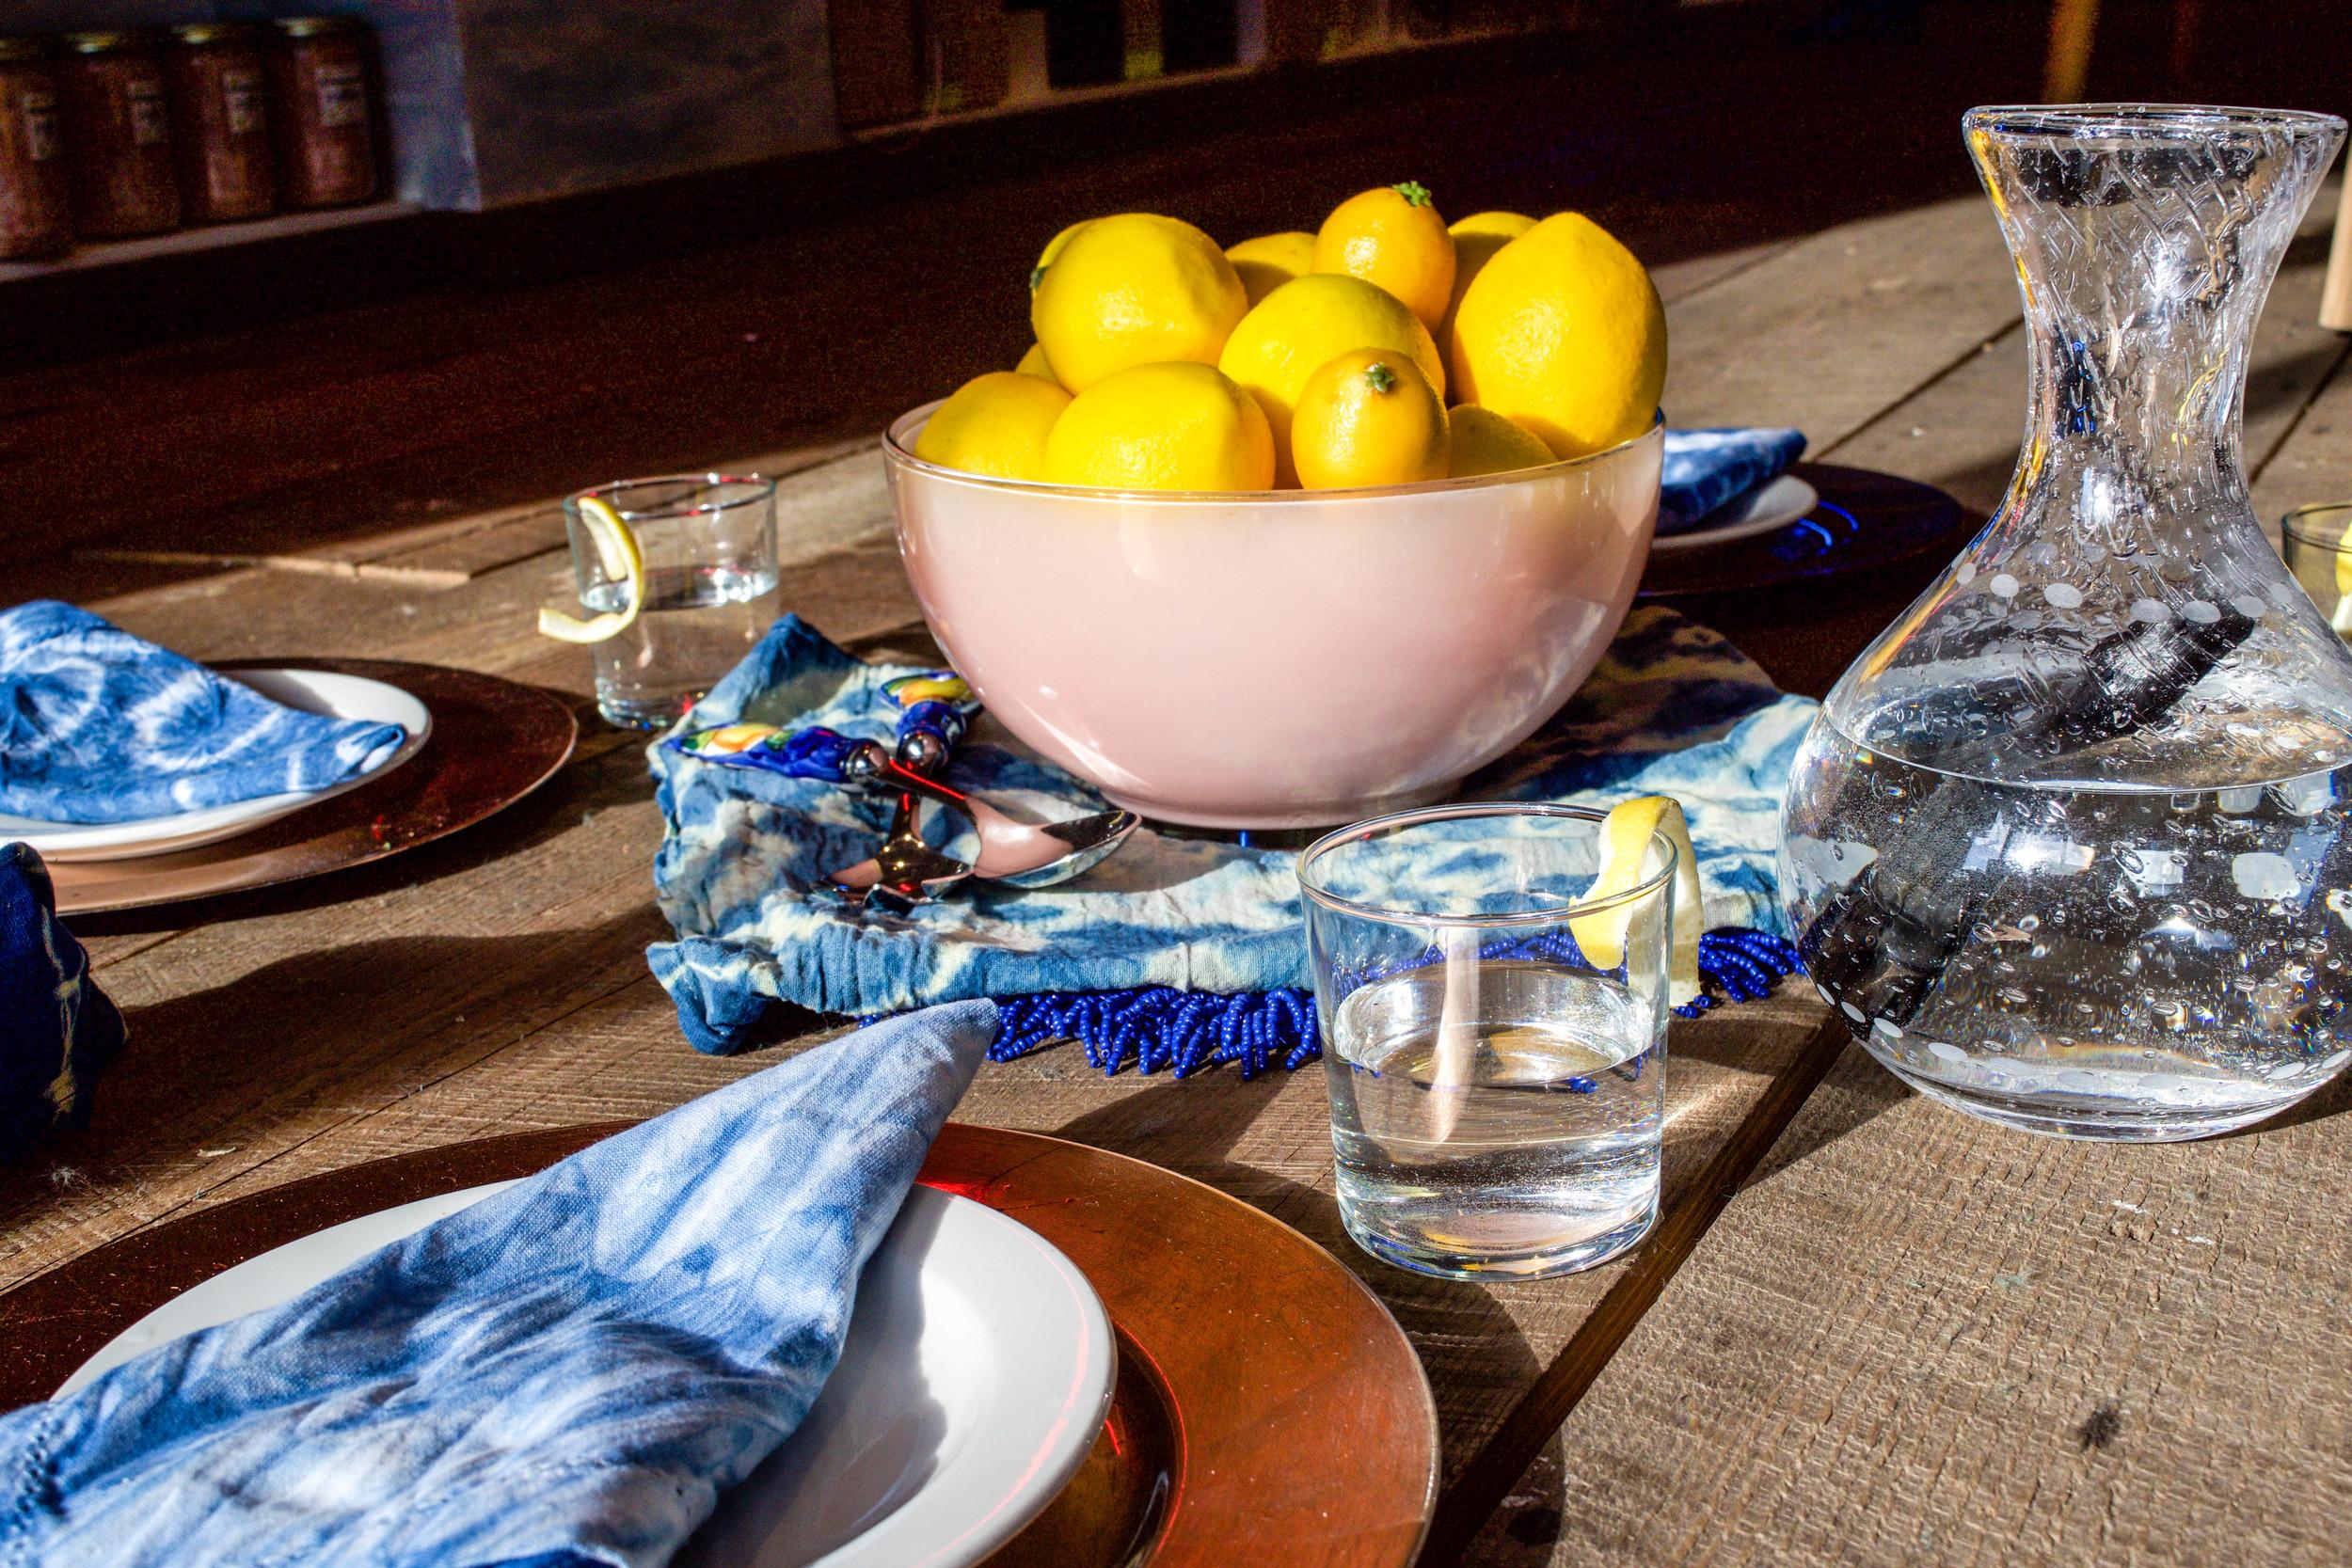 table setting napkin shibori tie dye natural indigo